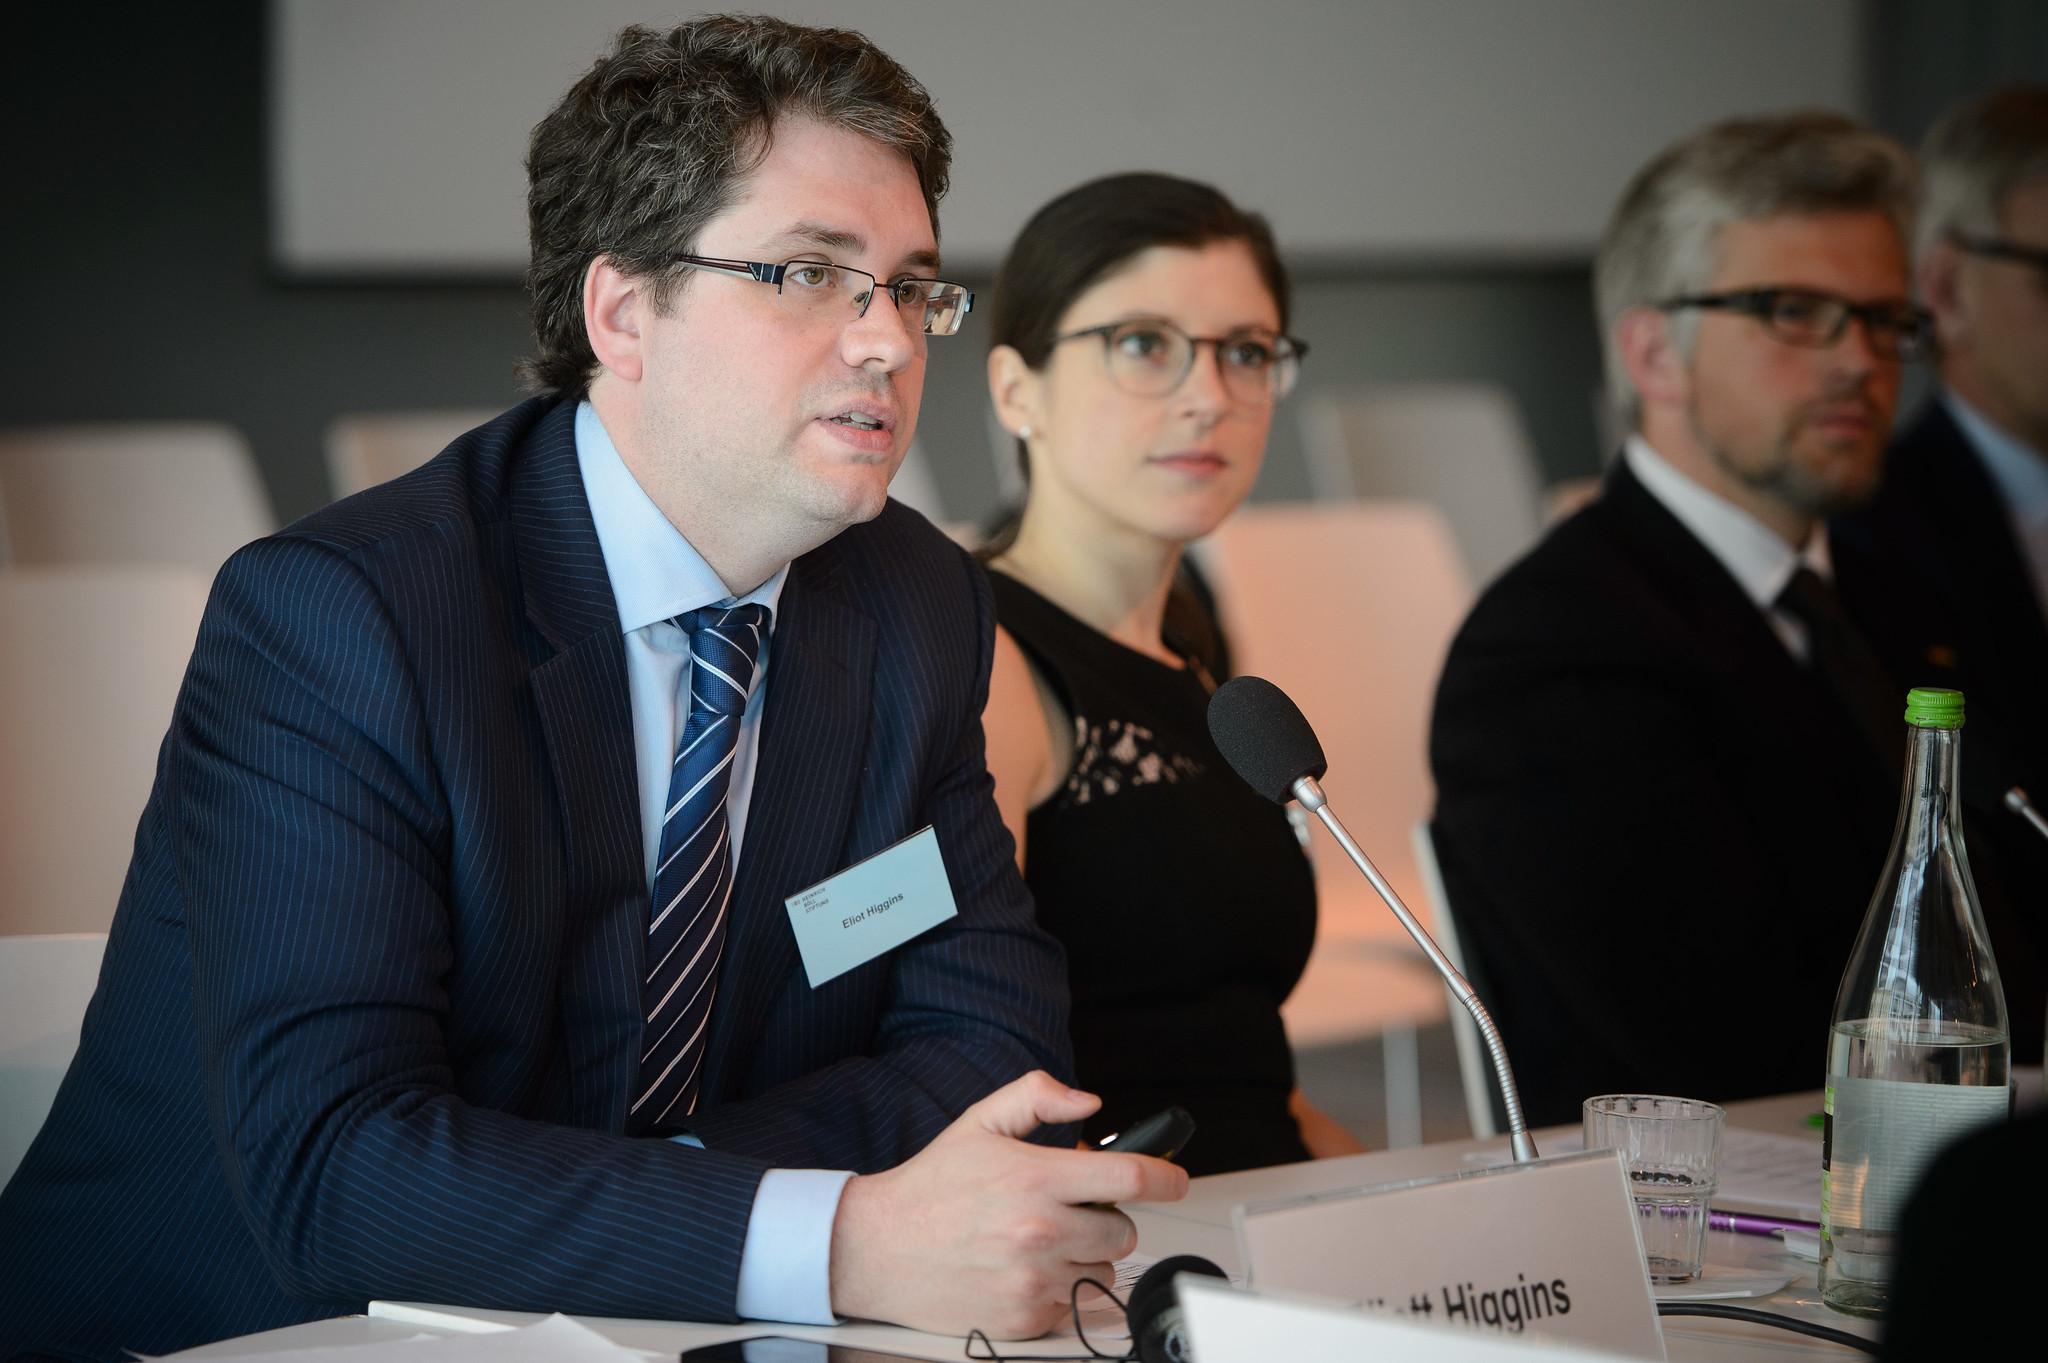 Eliot Higgins on Bellingcatin ohella työskennellyt muun muassa vierailevana tutkijana Atlantic Council -järjestön digitaalisten tutkimusmenetelmien kehitysohjelmassa.  Kuva: Stephan Röhl/Heinrich Böll Stiftung